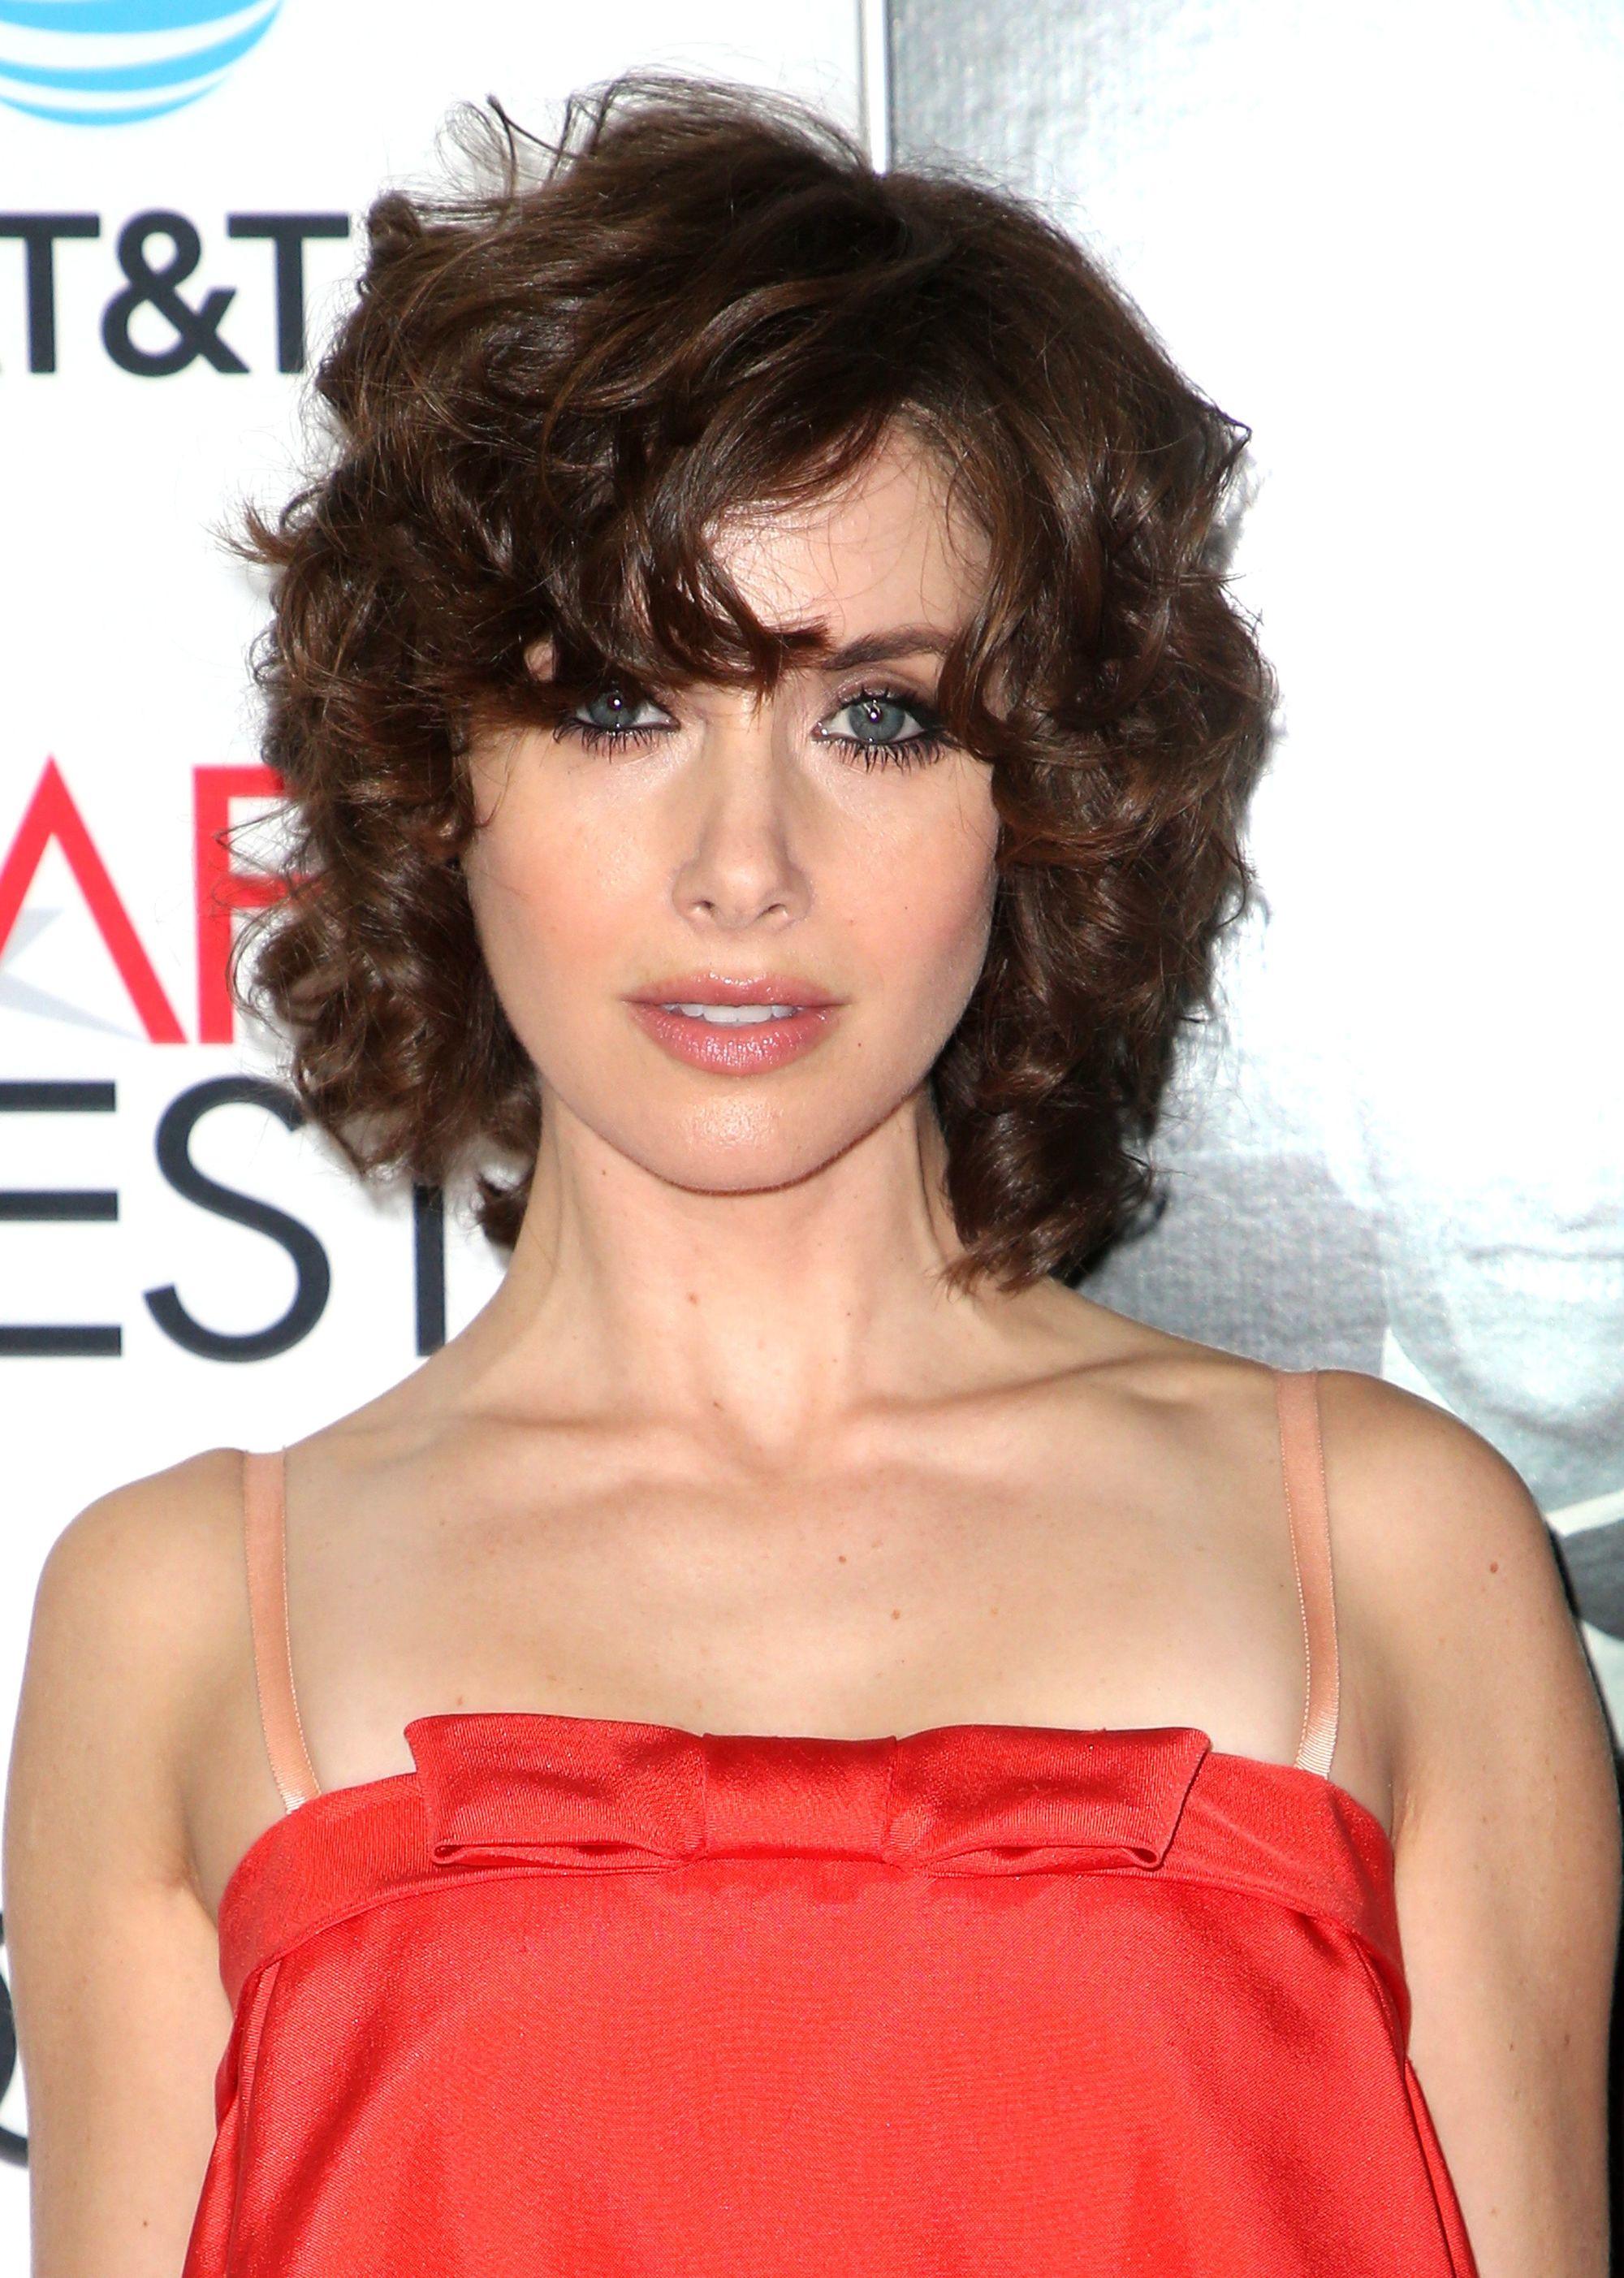 Les coiffures de Bob : Alison Brie avec des cheveux frisés et coupés au carré, portant une robe rouge sans bretelles sur le tapis rouge